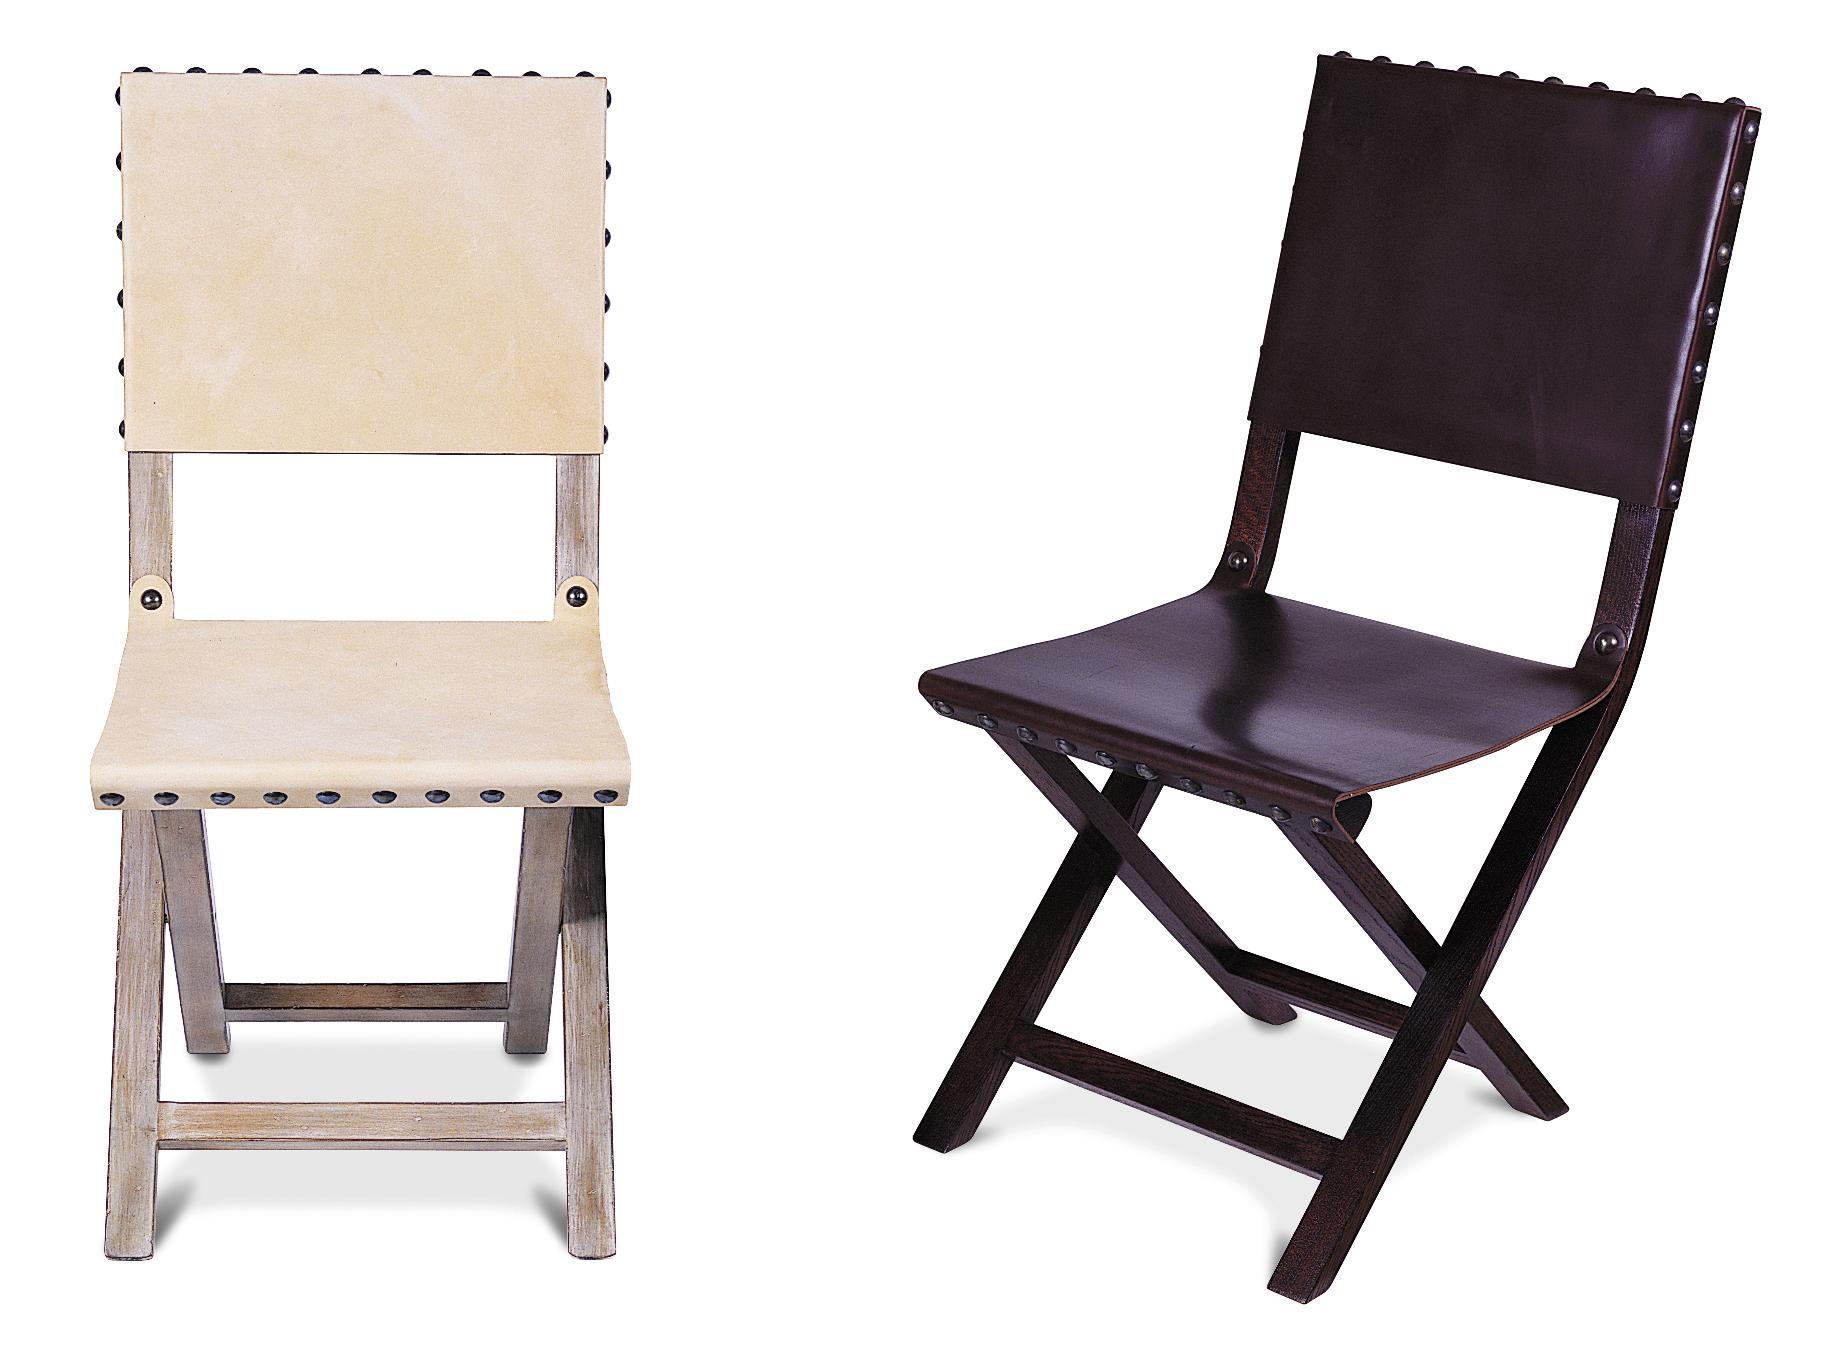 5002 Camp Chair